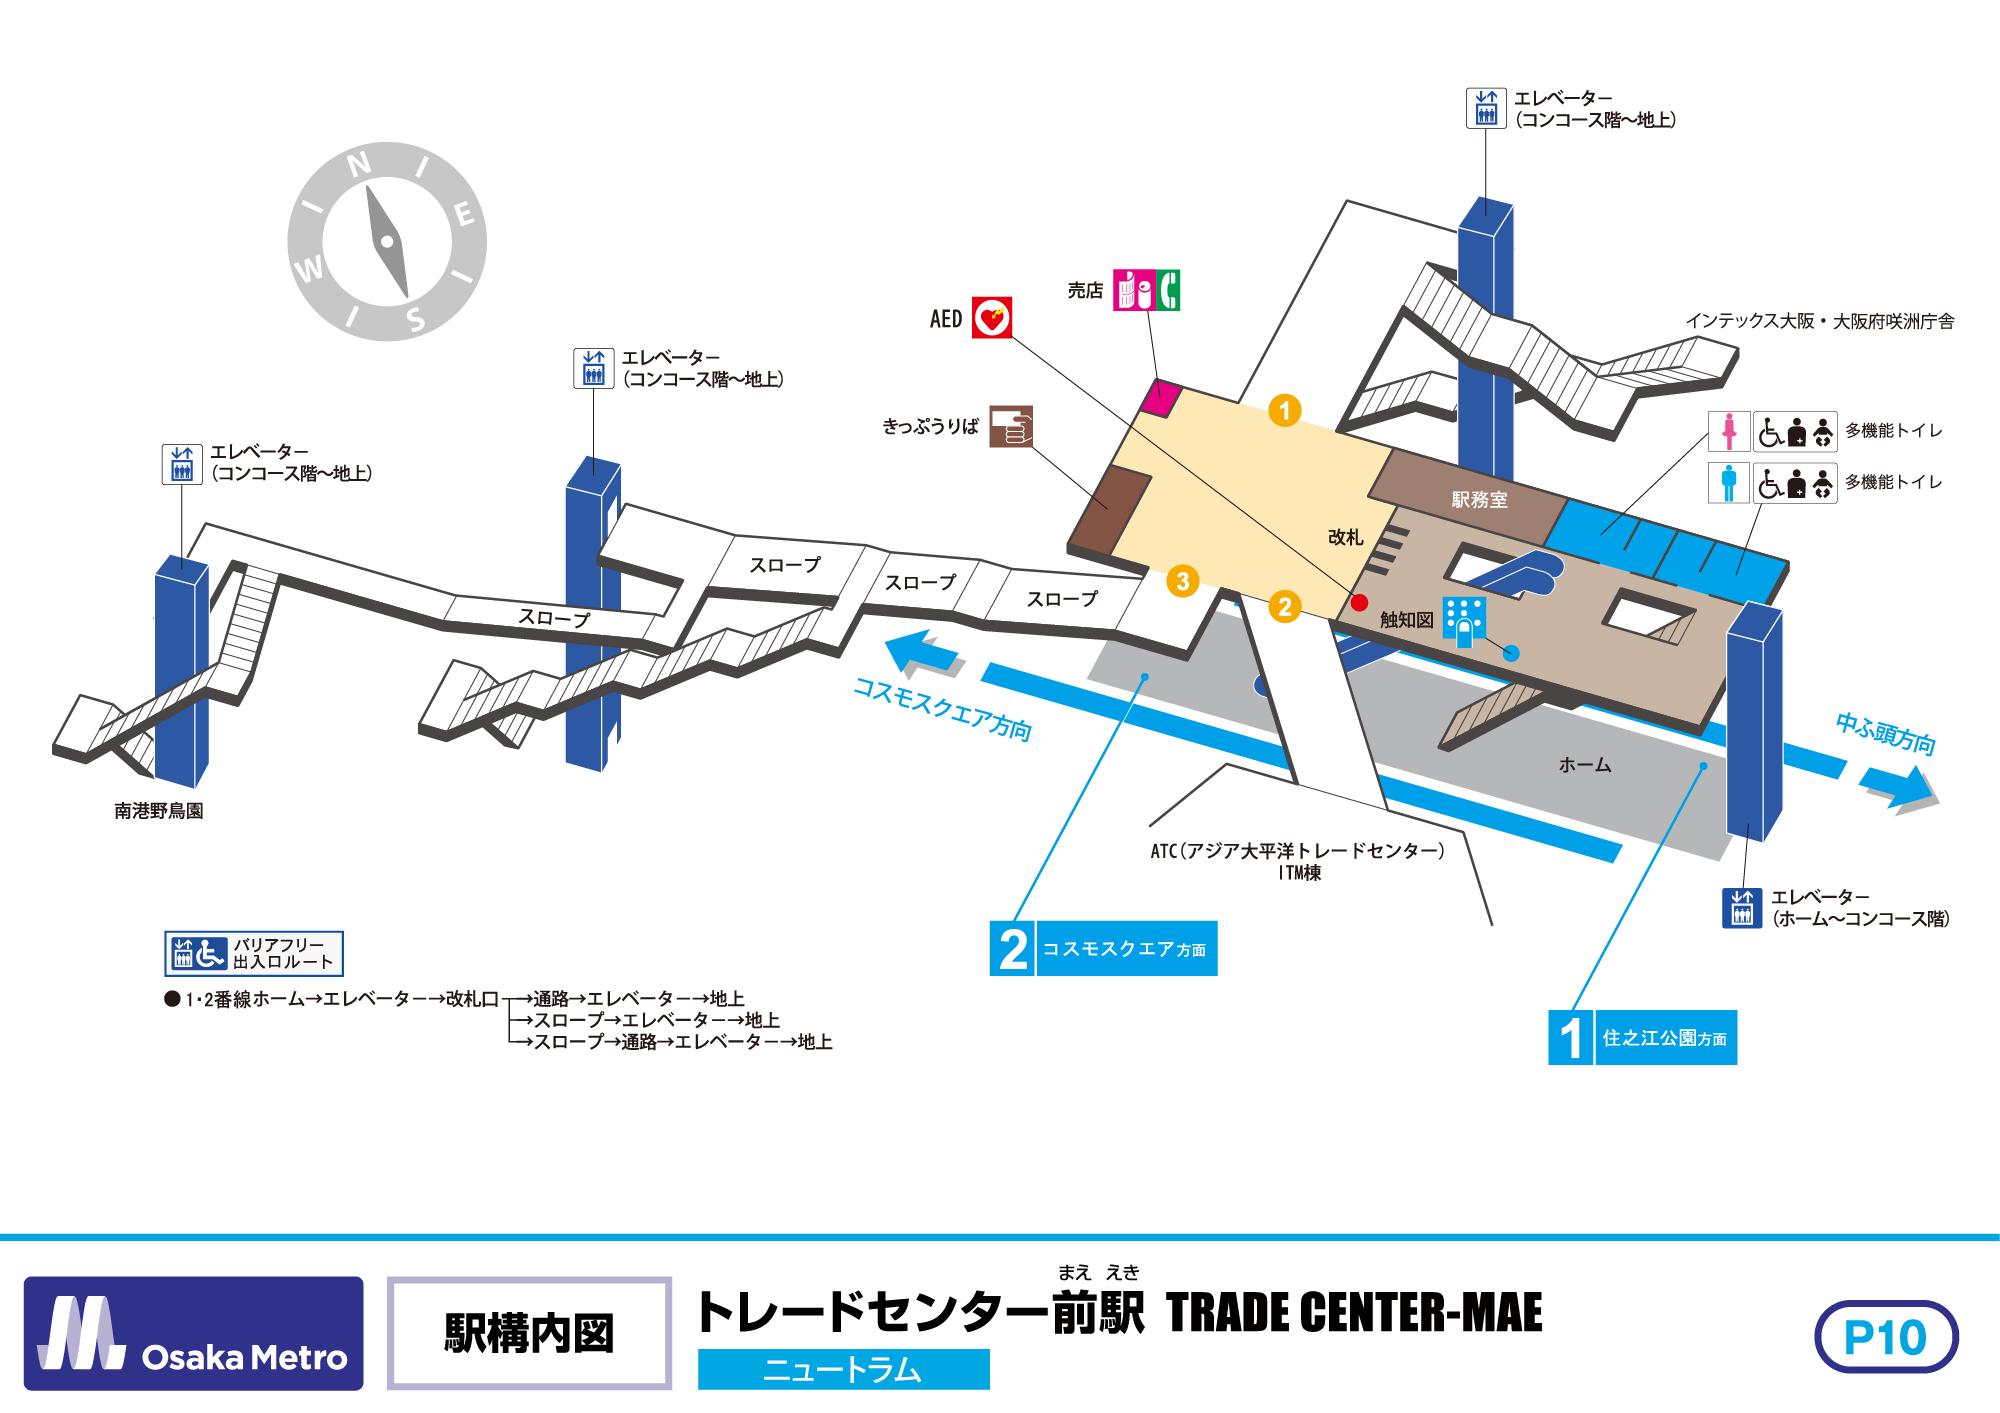 トレードセンター前|Osaka Metro